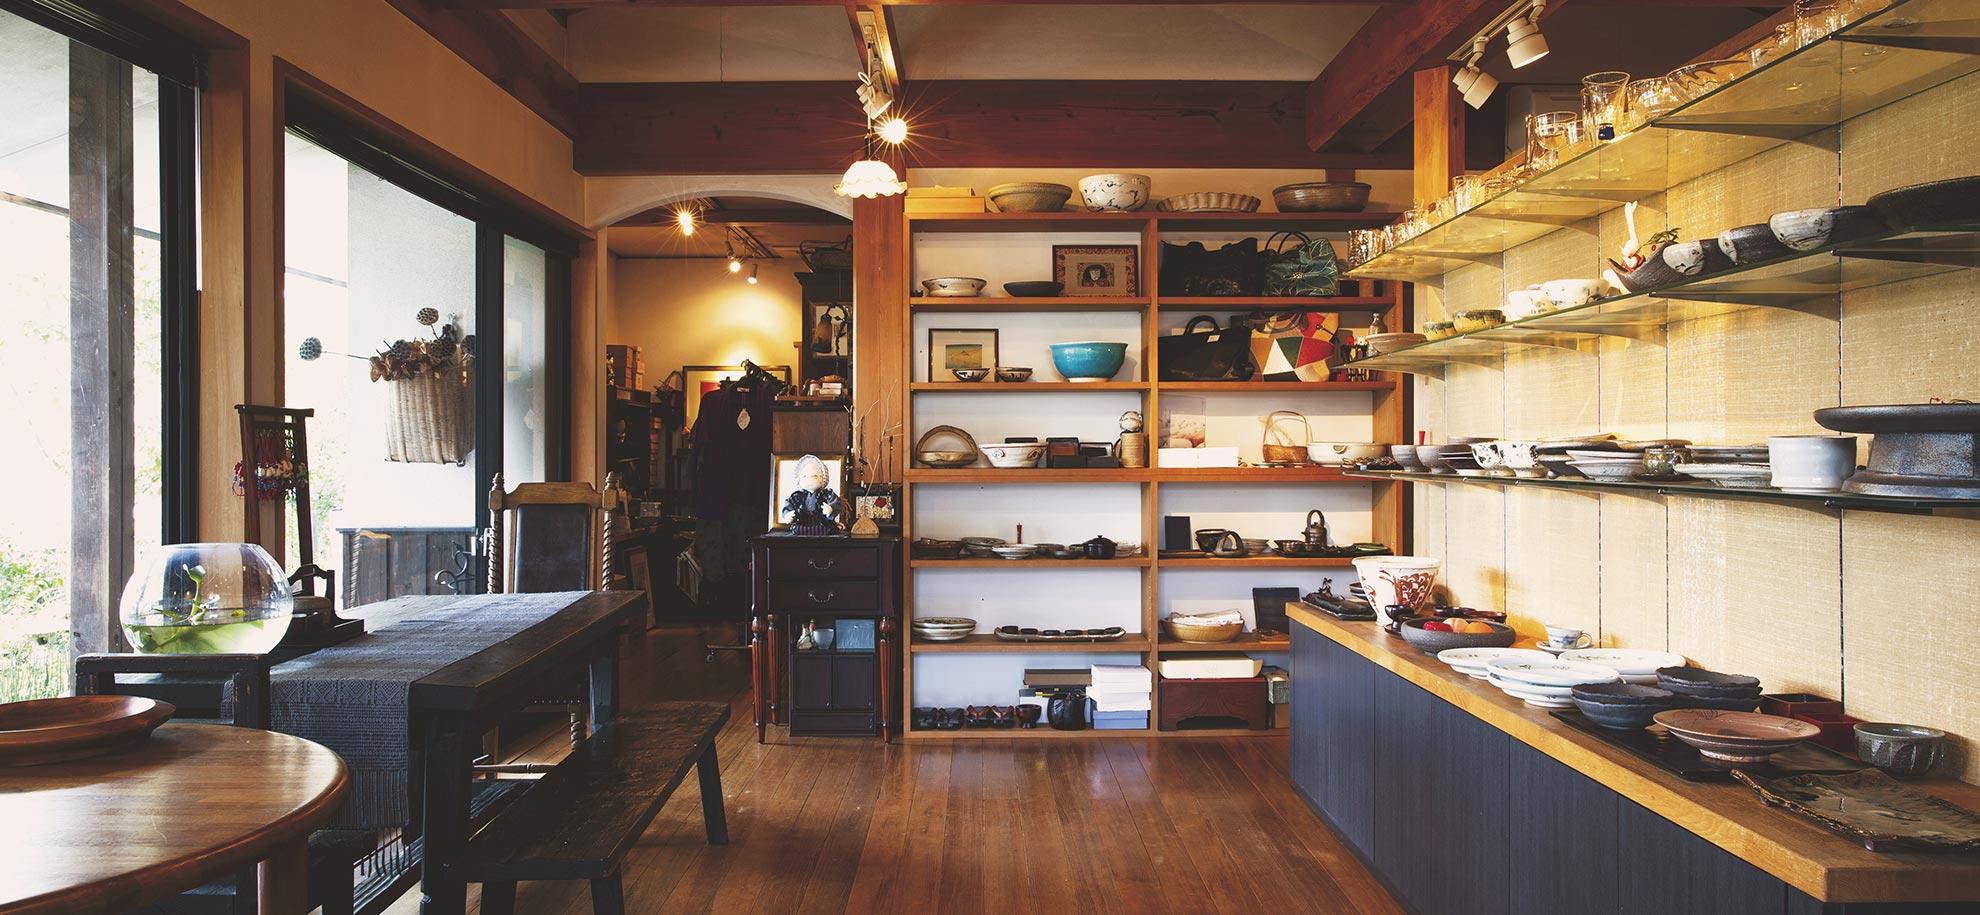 山口県岩国市の器あそび 食器、洋服、カバン、調味料など